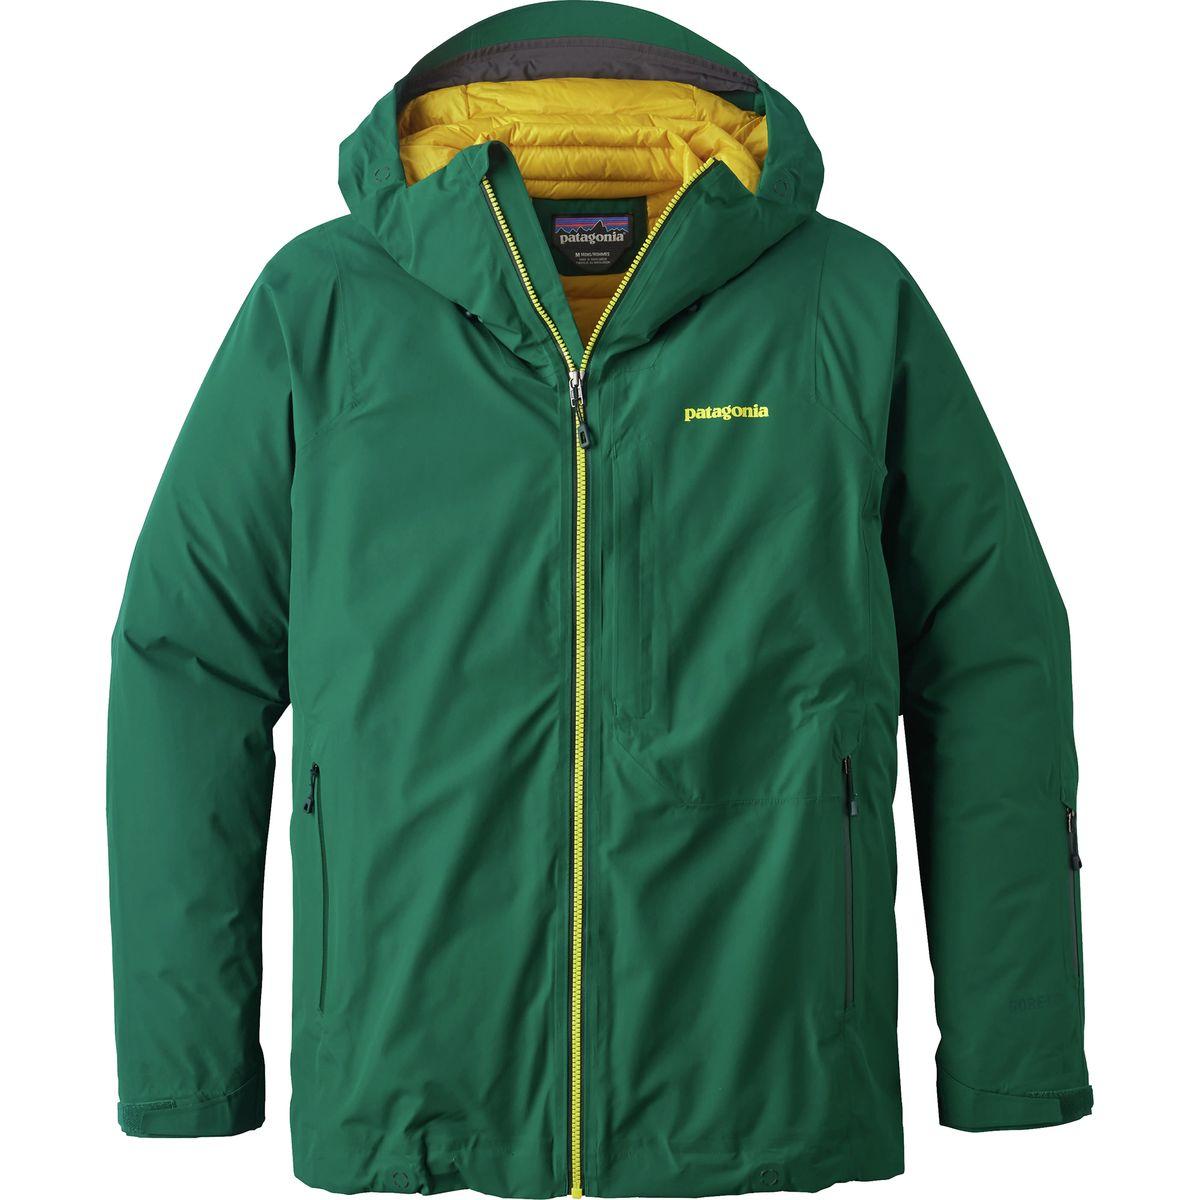 Patagonia Primo Down Jacket - Men